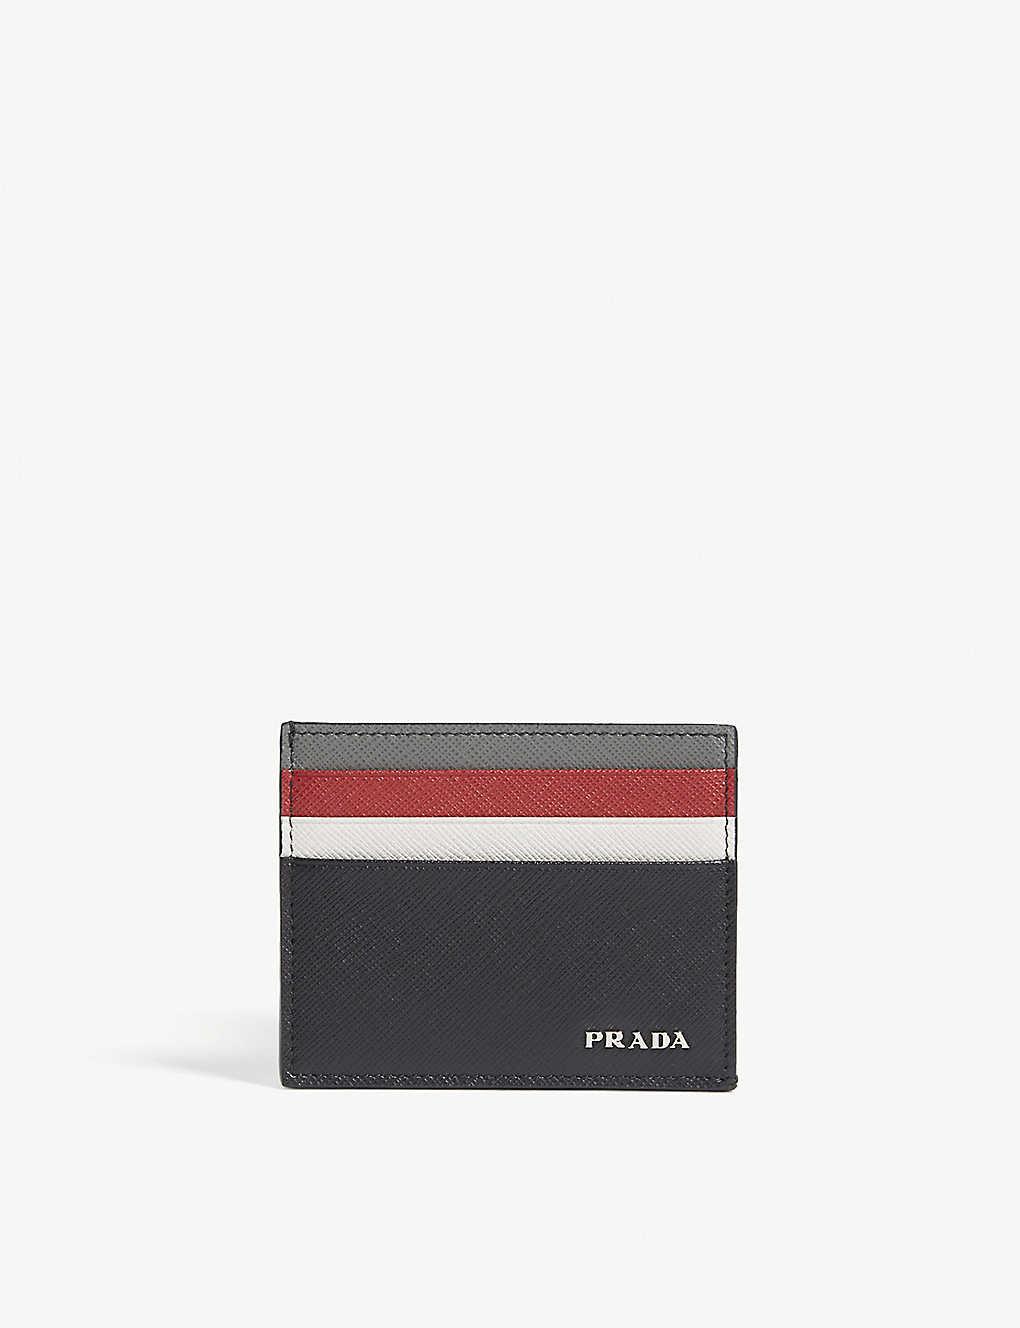 b8734a93407f PRADA - Tri-colour Saffiano leather card holder | Selfridges.com